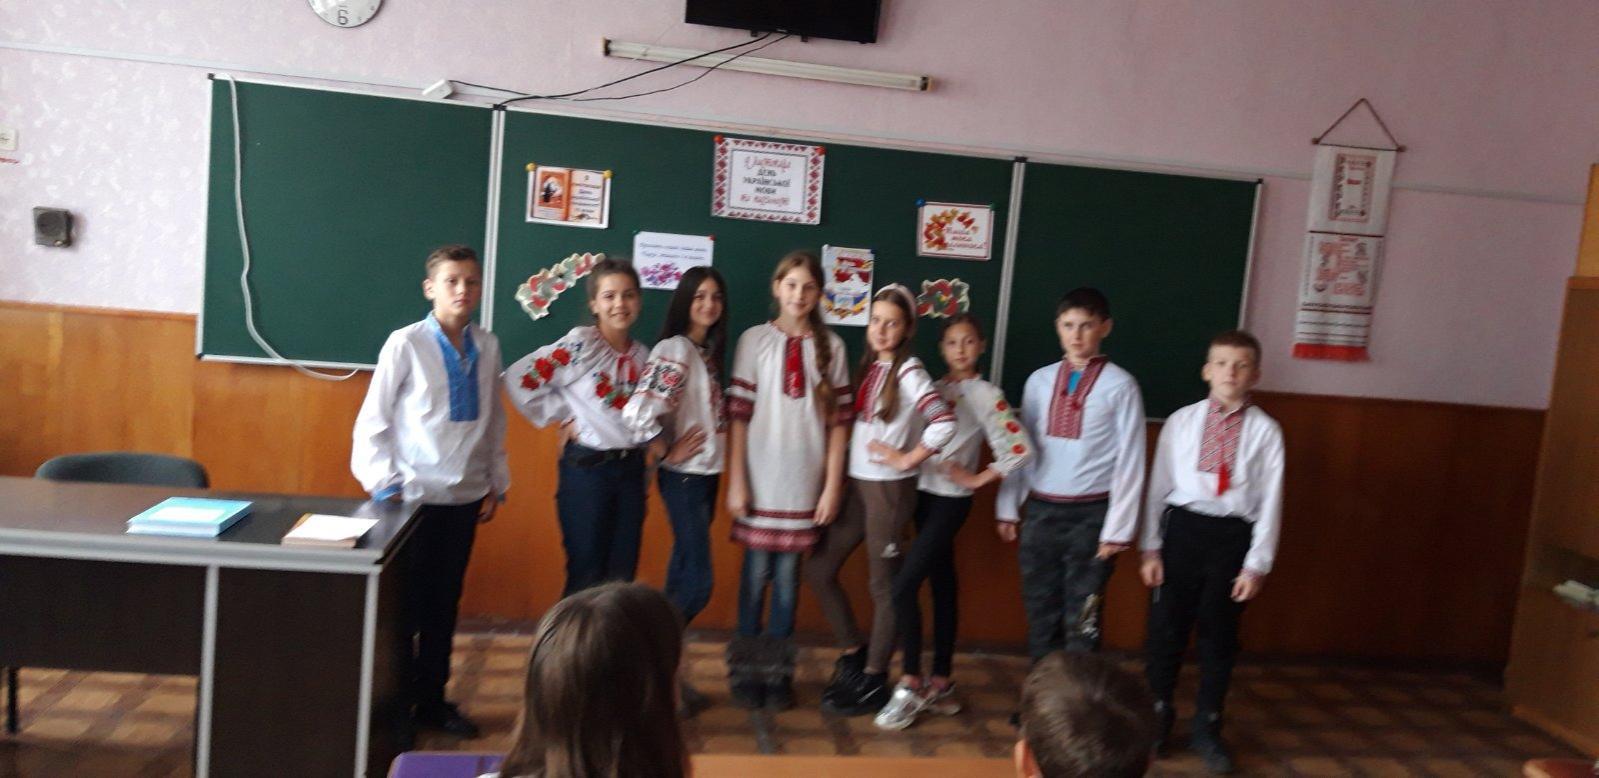 http://dunrada.gov.ua/uploadfile/archive_news/2020/11/09/2020-11-09_7266/images/images-6475.jpg